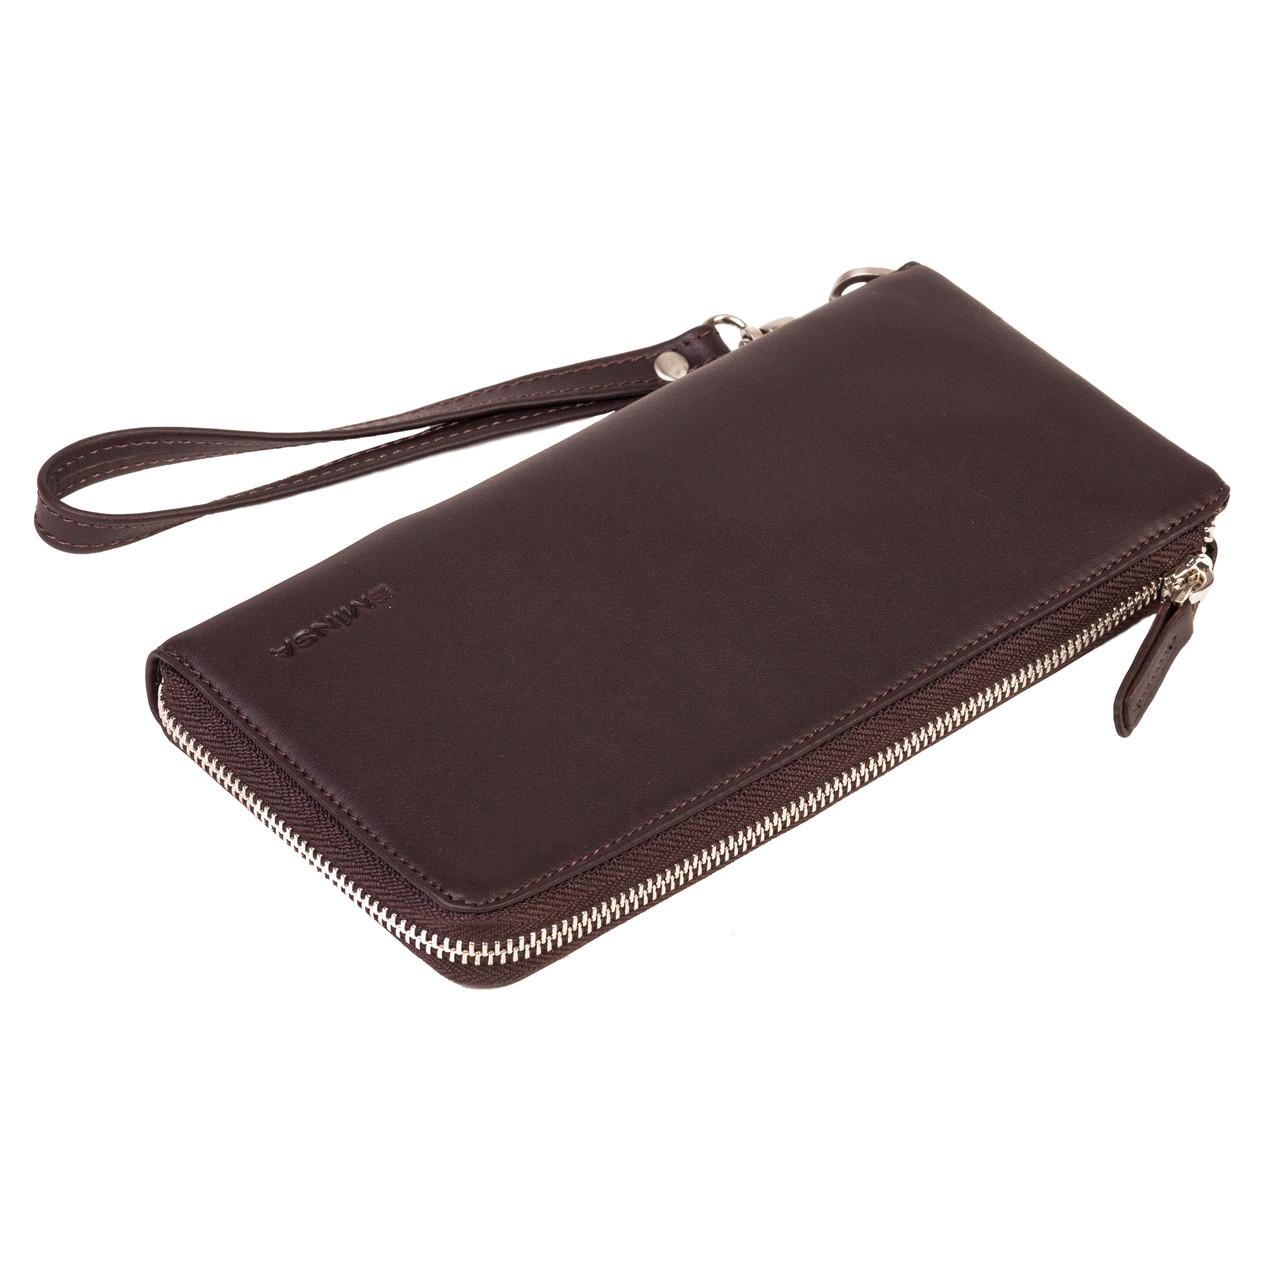 Мужской кошелек клатч Eminsa 2104-3-3 кожаный темно-коричневый